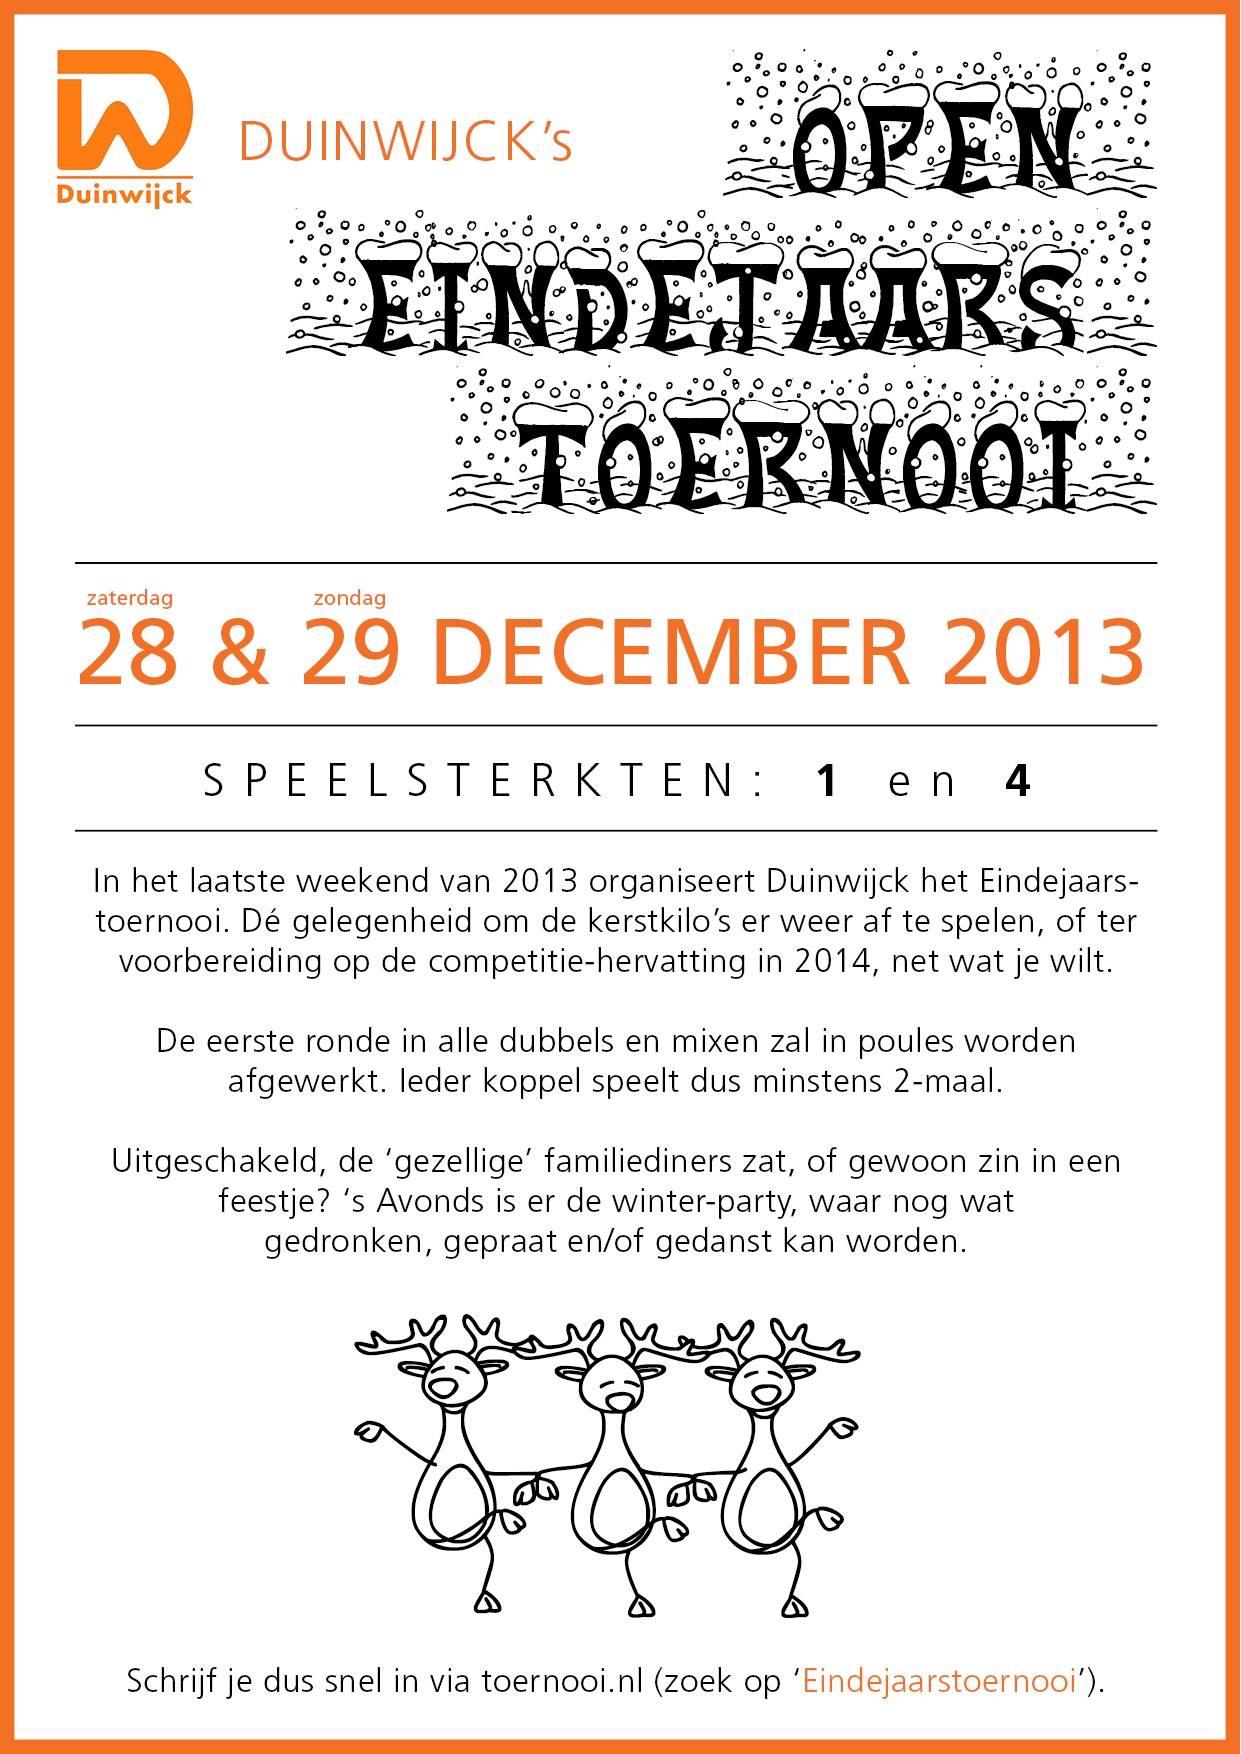 Toernooi Archives - Duinwijck.com Badmintonnederland Nl